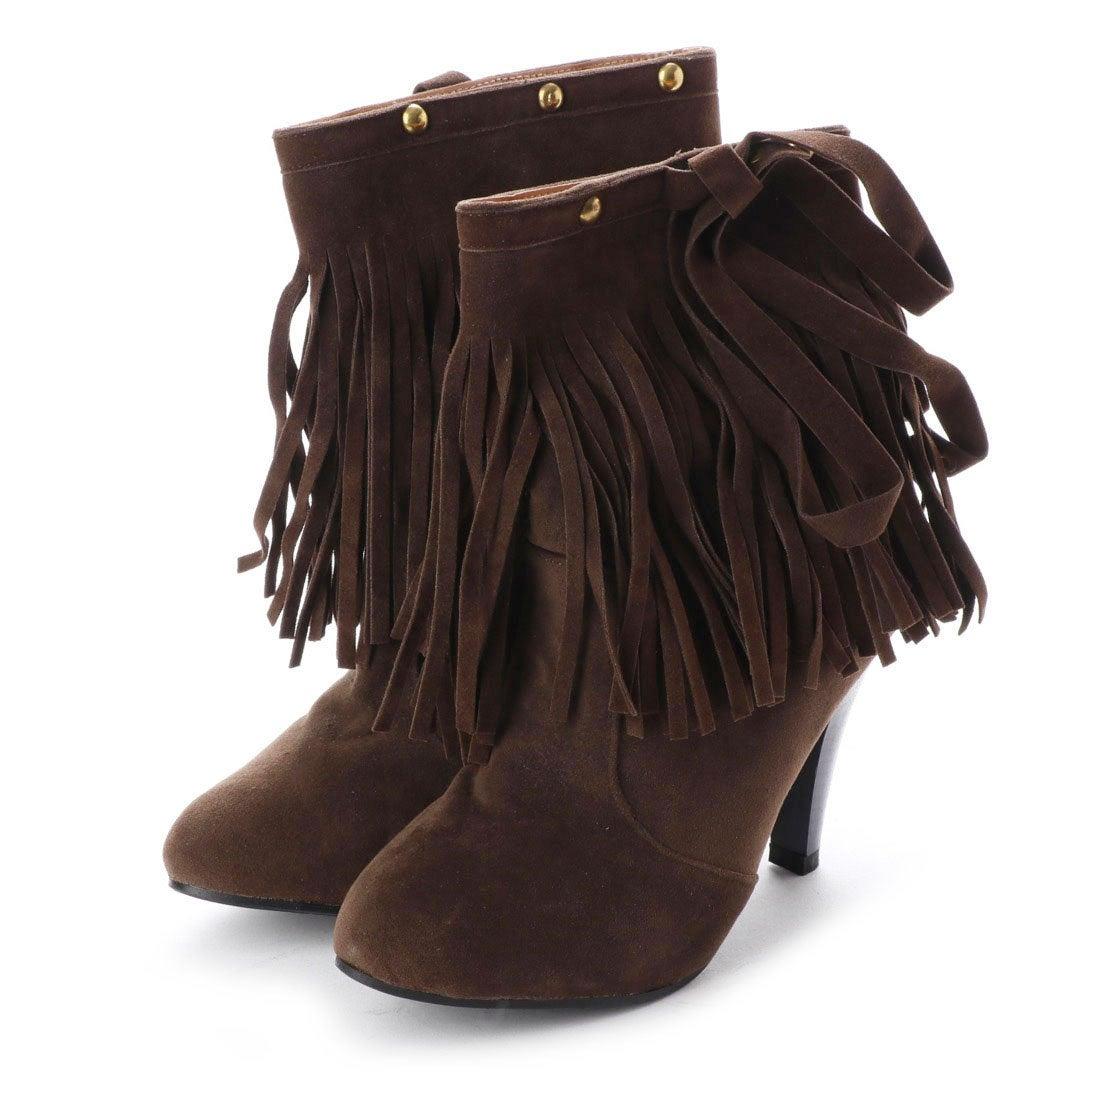 ロコンド 靴とファッションの通販サイトスタイルブロック STYLEBLOCK ウエスタンフリンジショートブーツ (ダークブラウン)